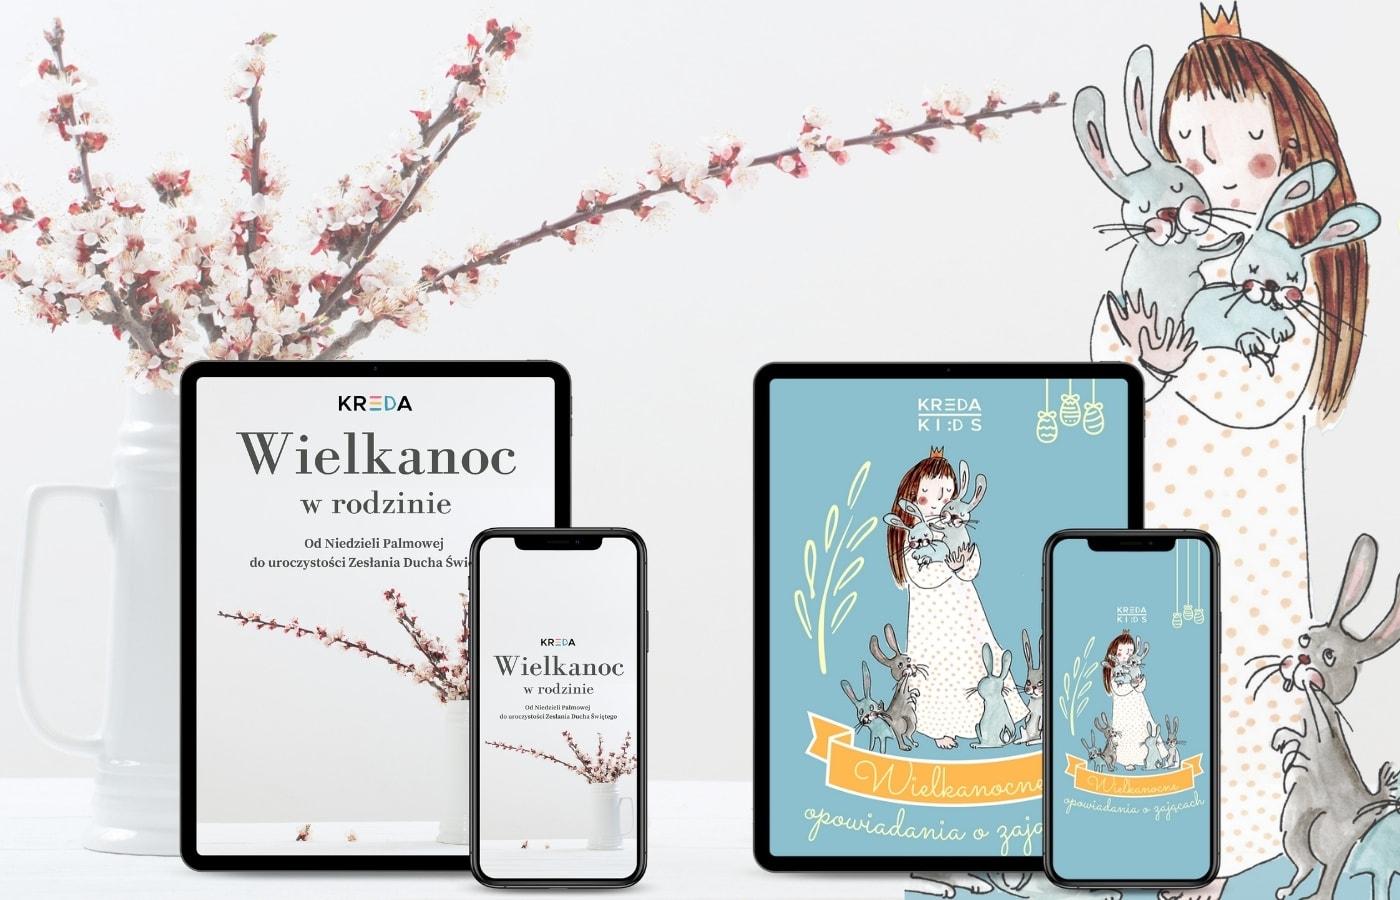 Wielkanocne e-booki